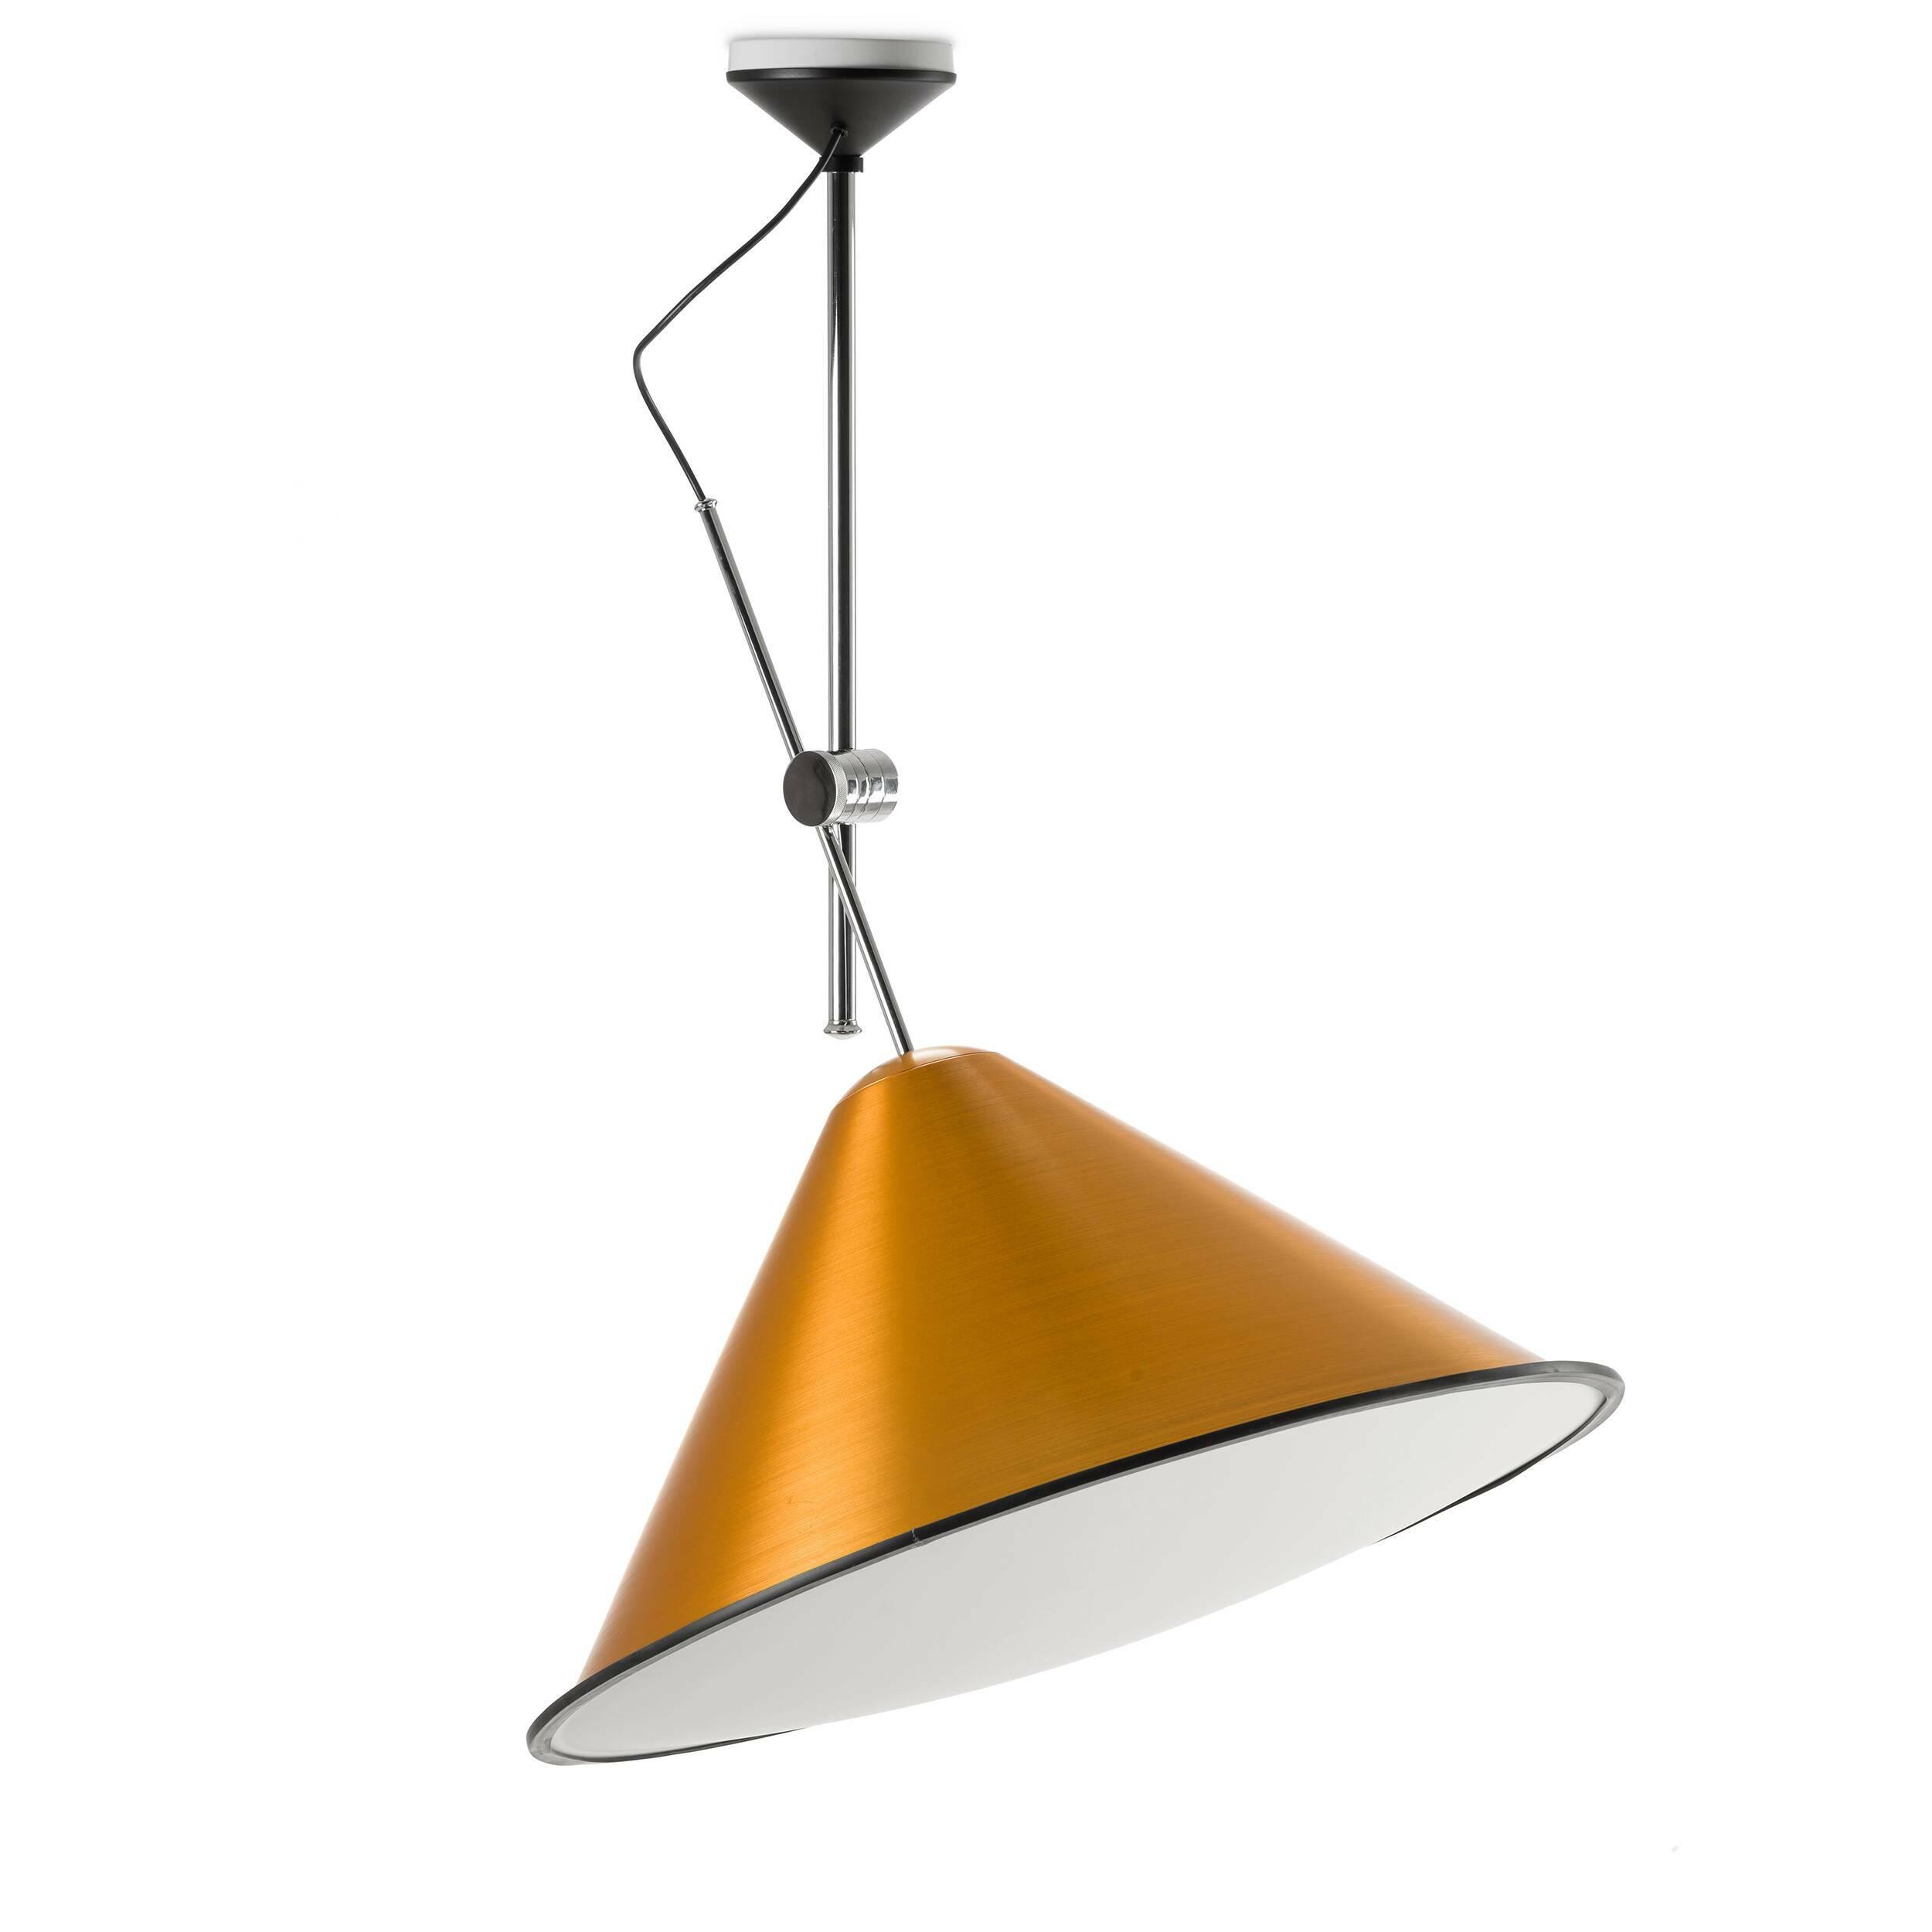 Потолочный светильник ConeПотолочные<br>При взгляде на потолочный светильник Cone становится заметно, что, разрабатывая эту серию, его создатель, британский дизайнер Том Диксон, вдохновлялся профессиональным фотооборудованием. Сложно не думать о фотовспышках и студиях, глядя на необычный плафон.<br><br><br> Технические особенности рабочей фототехники были со вкусом переработаны, не потеряв своей функциональности. Внутренняя поверхность плафона обтянута белым акриловым полотном. Попадая на такую преграду, свет равномерно рассеивается...<br><br>stock: 8<br>Высота: 150<br>Диаметр: 73<br>Материал абажура: Акрил<br>Материал арматуры: Металл<br>Ламп в комплекте: Нет<br>Напряжение: 220<br>Цвет абажура: Золотой